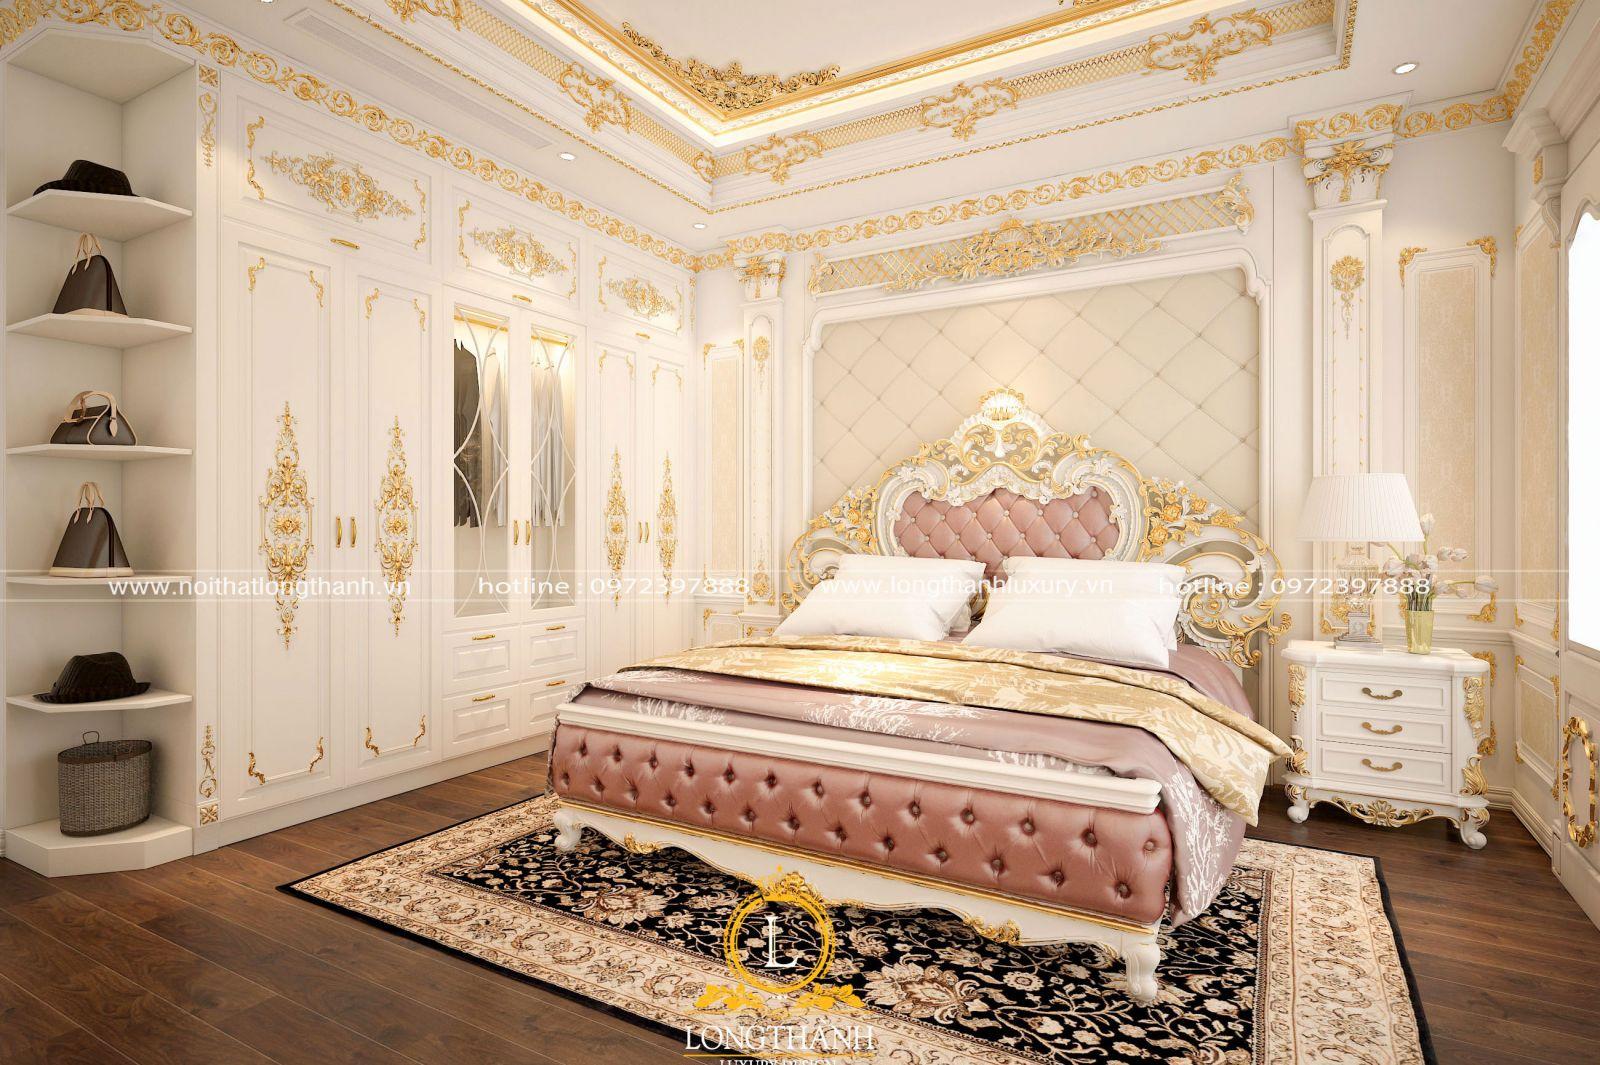 Phòng ngủ tân cổ điển dát vàng lộng lẫy cho không gian sang trọng đẳng cấp